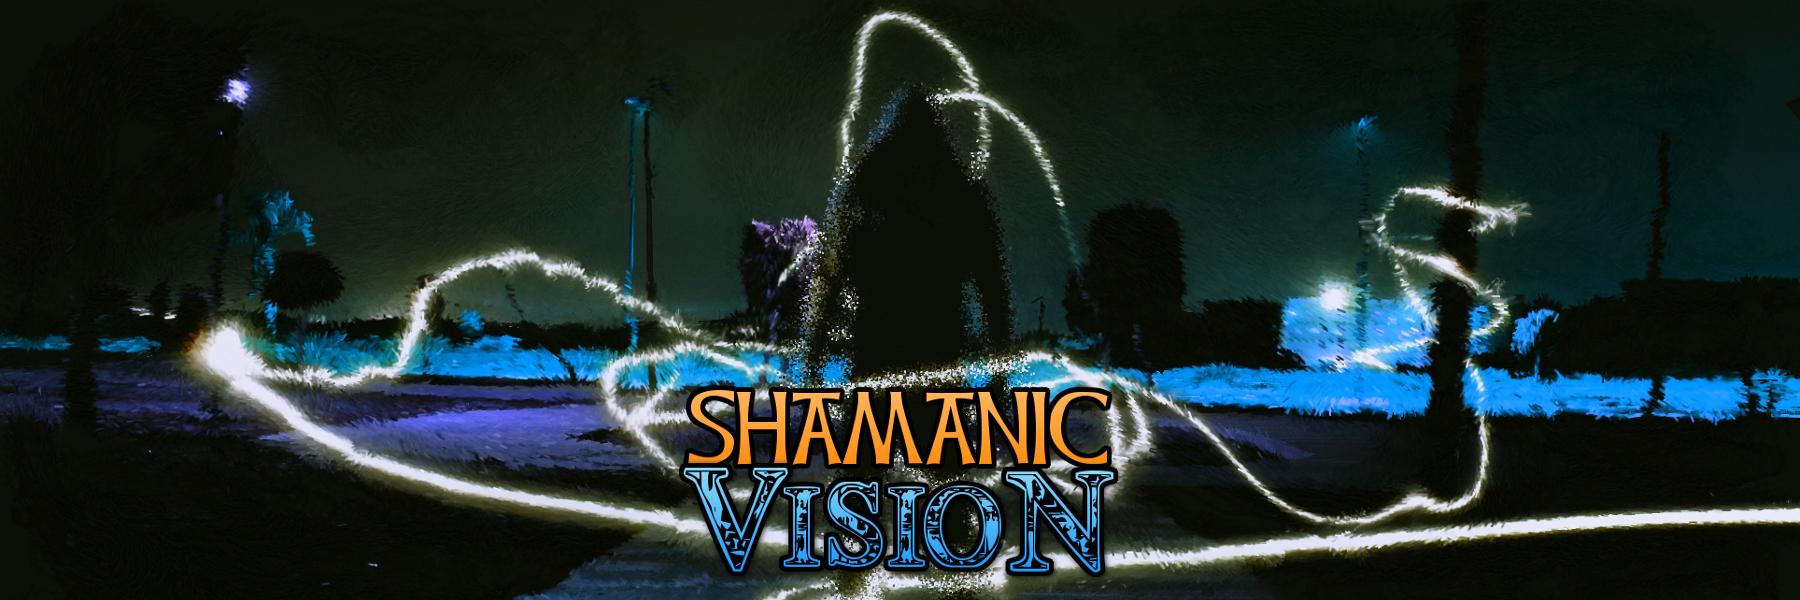 shamanic.vision